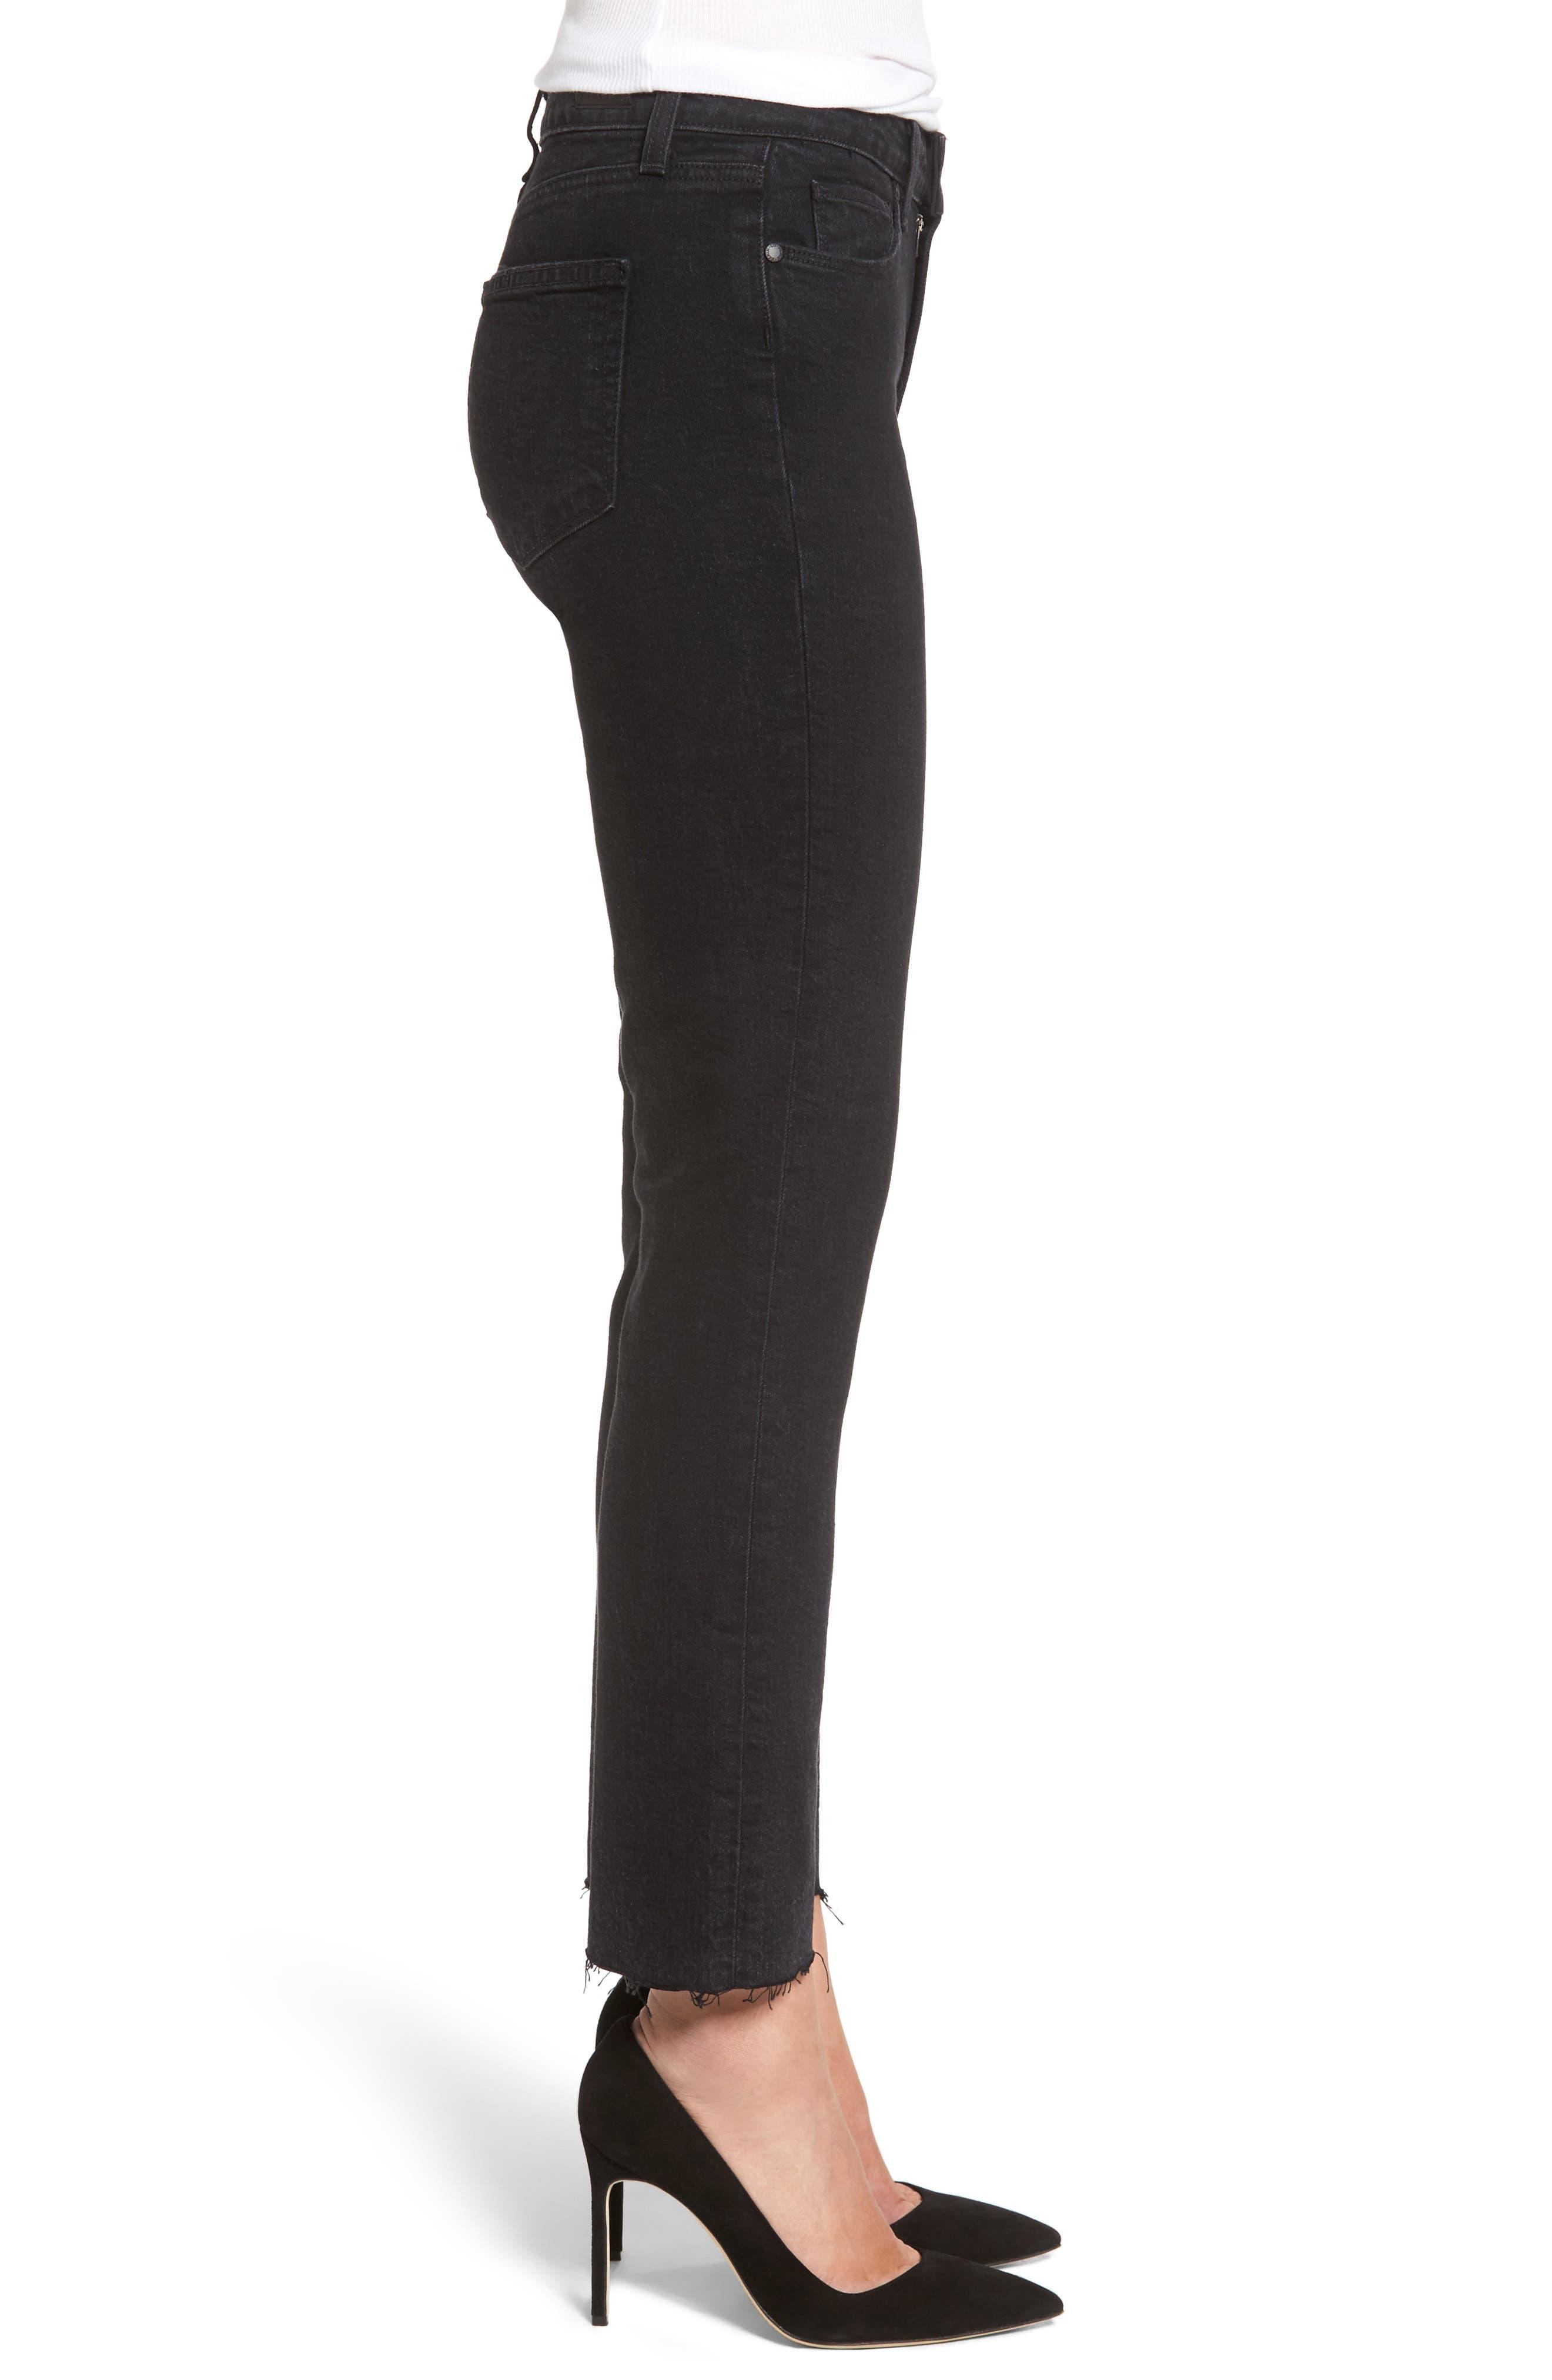 Jacqueline High Waist Crop Straight Leg Jeans,                             Alternate thumbnail 3, color,                             001